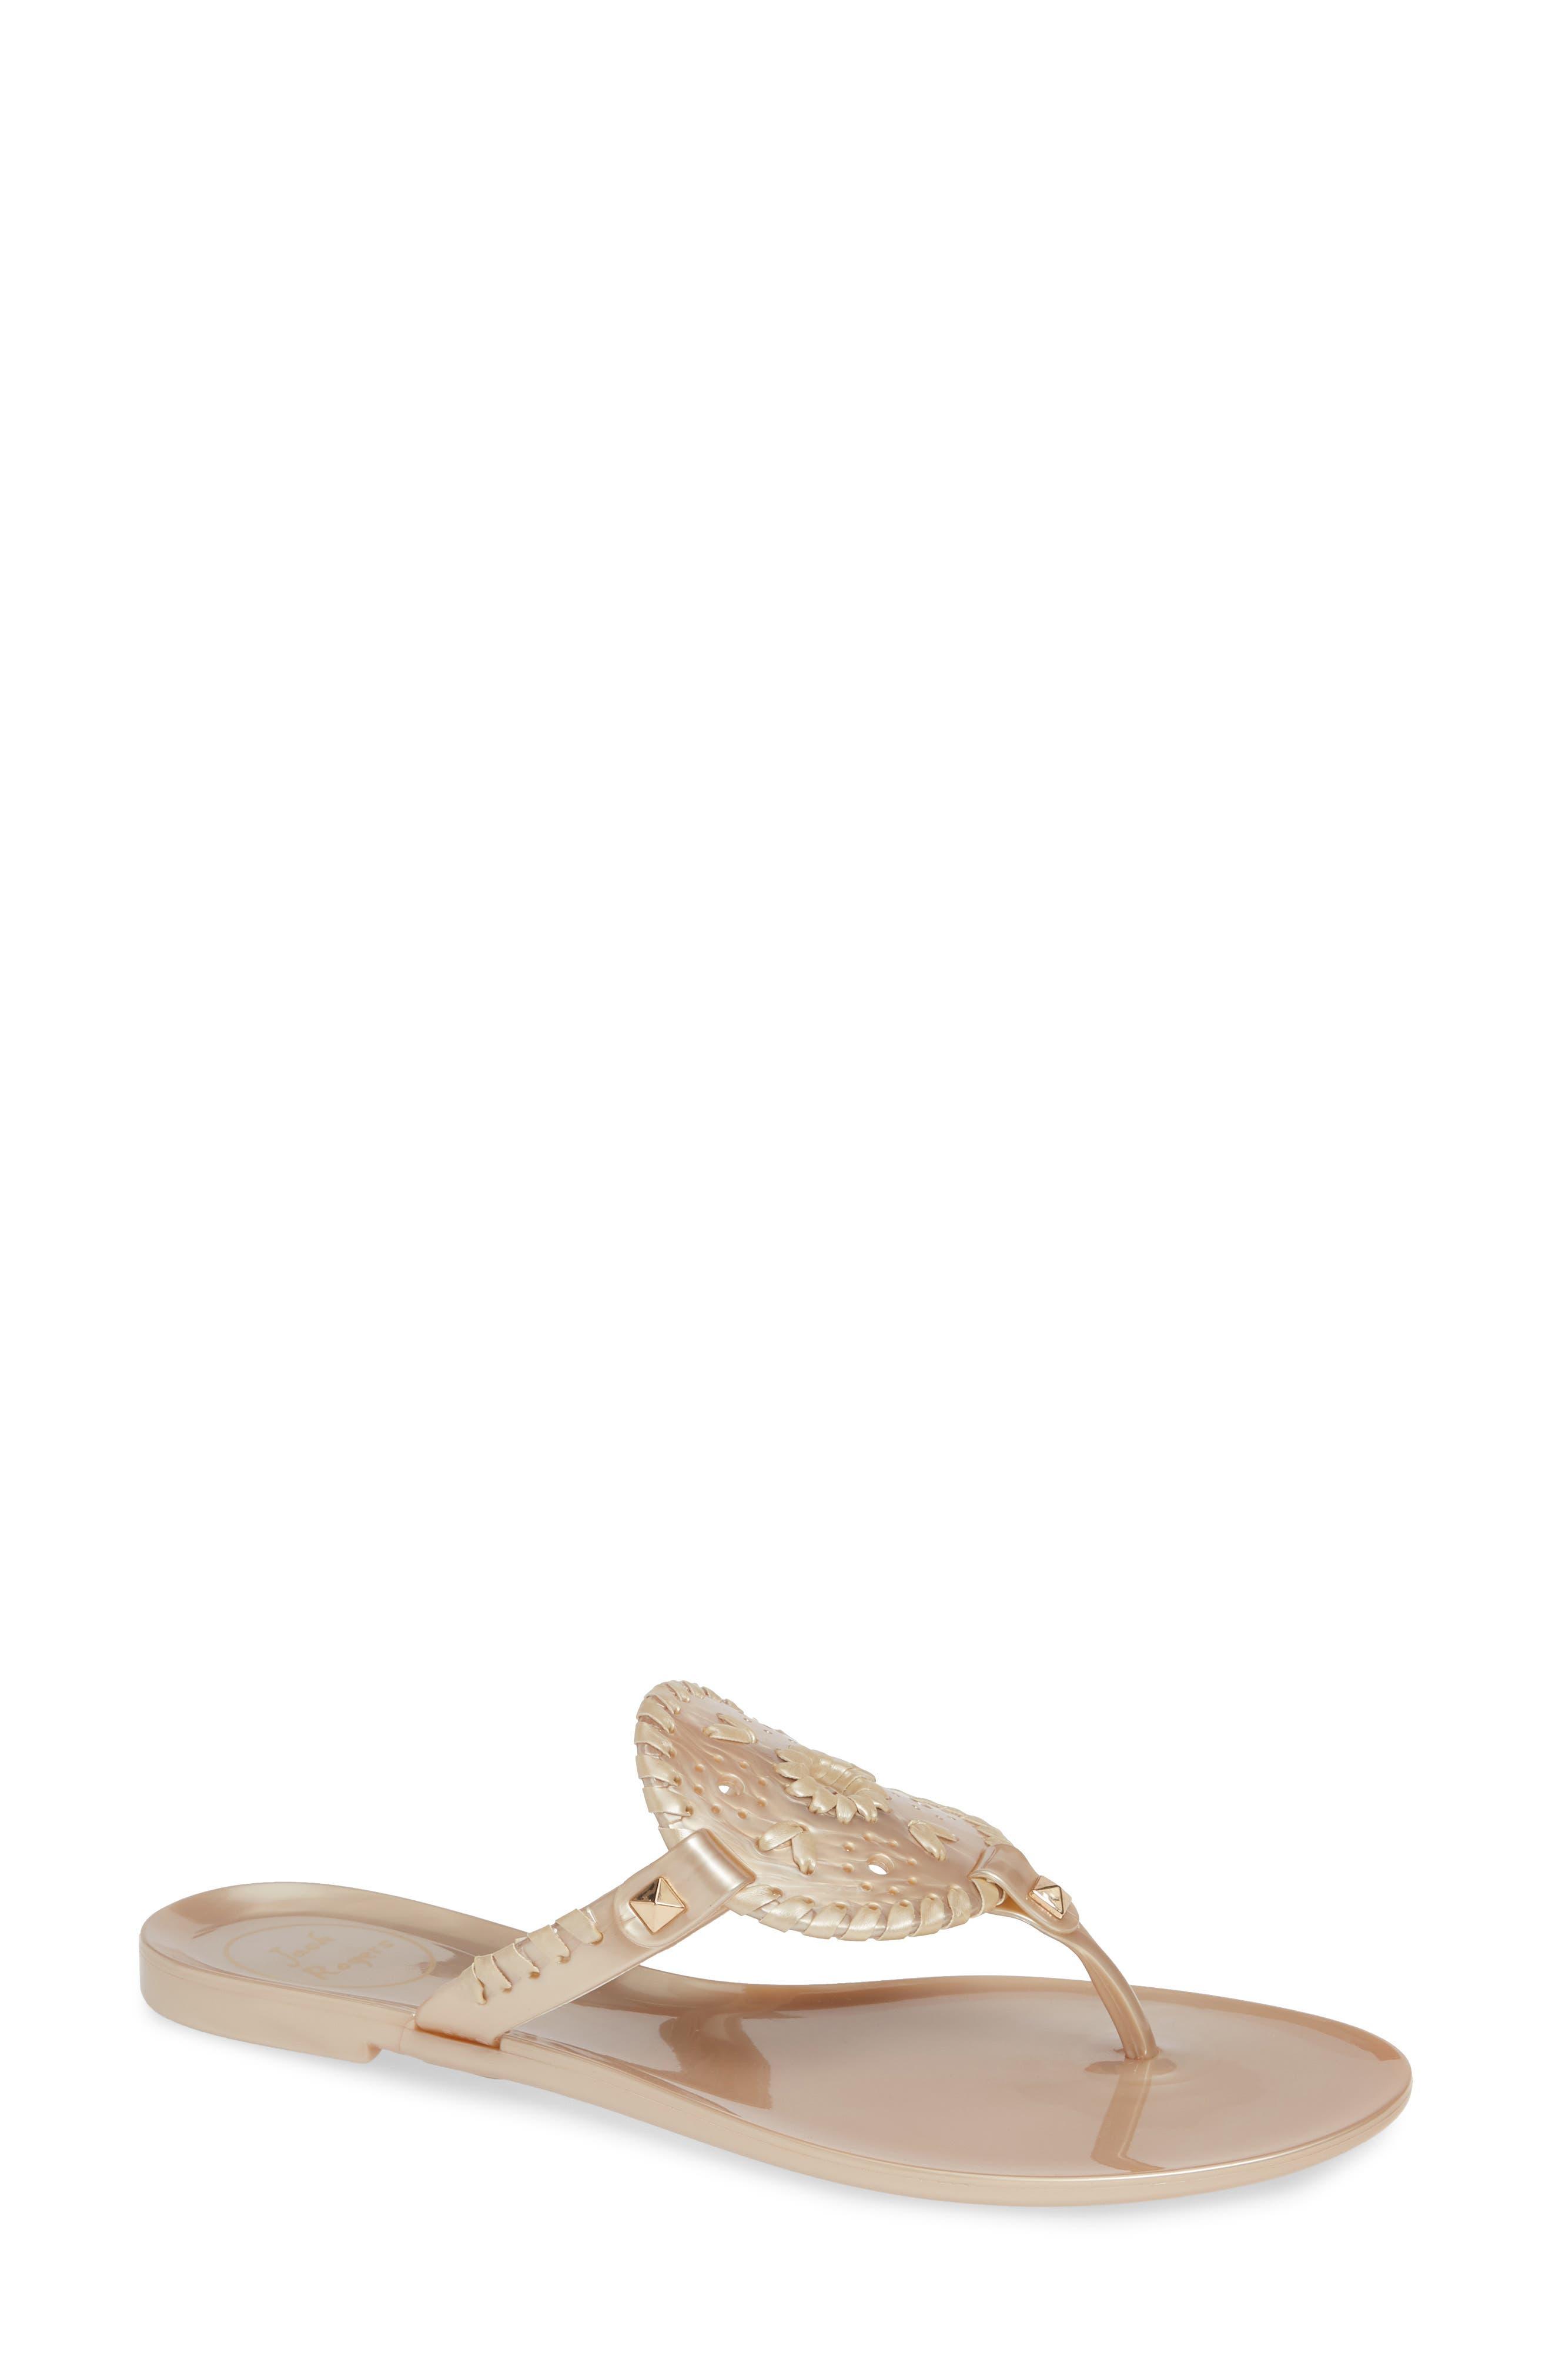 ec901de08 Jack Rogers Women s Shoes